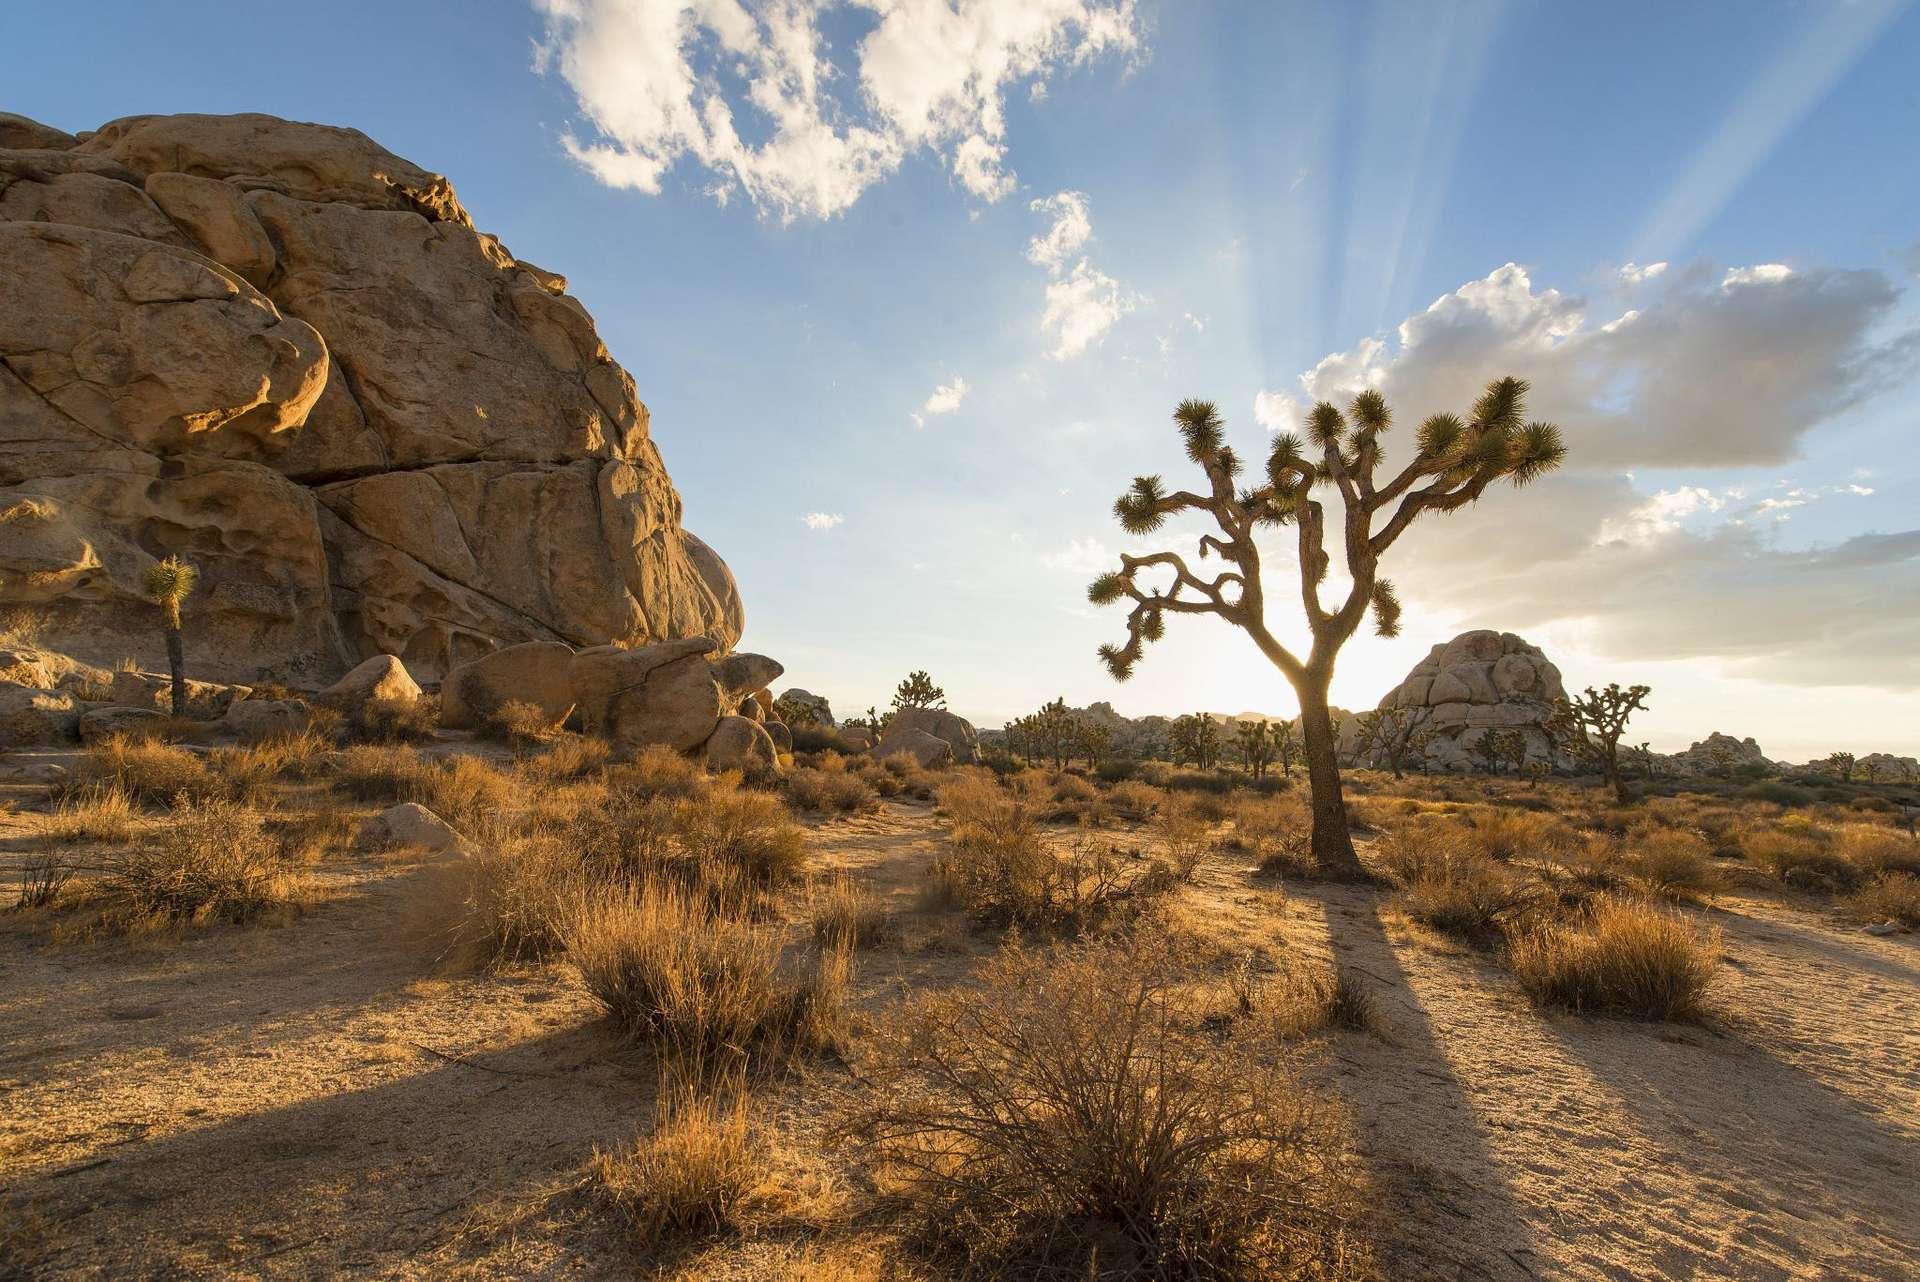 Un magnifique arbre de Josué dans le Parc natioanl de Joshua Tree, en Californie. © Christopher Michel, Wikipedia, CC by 2.0